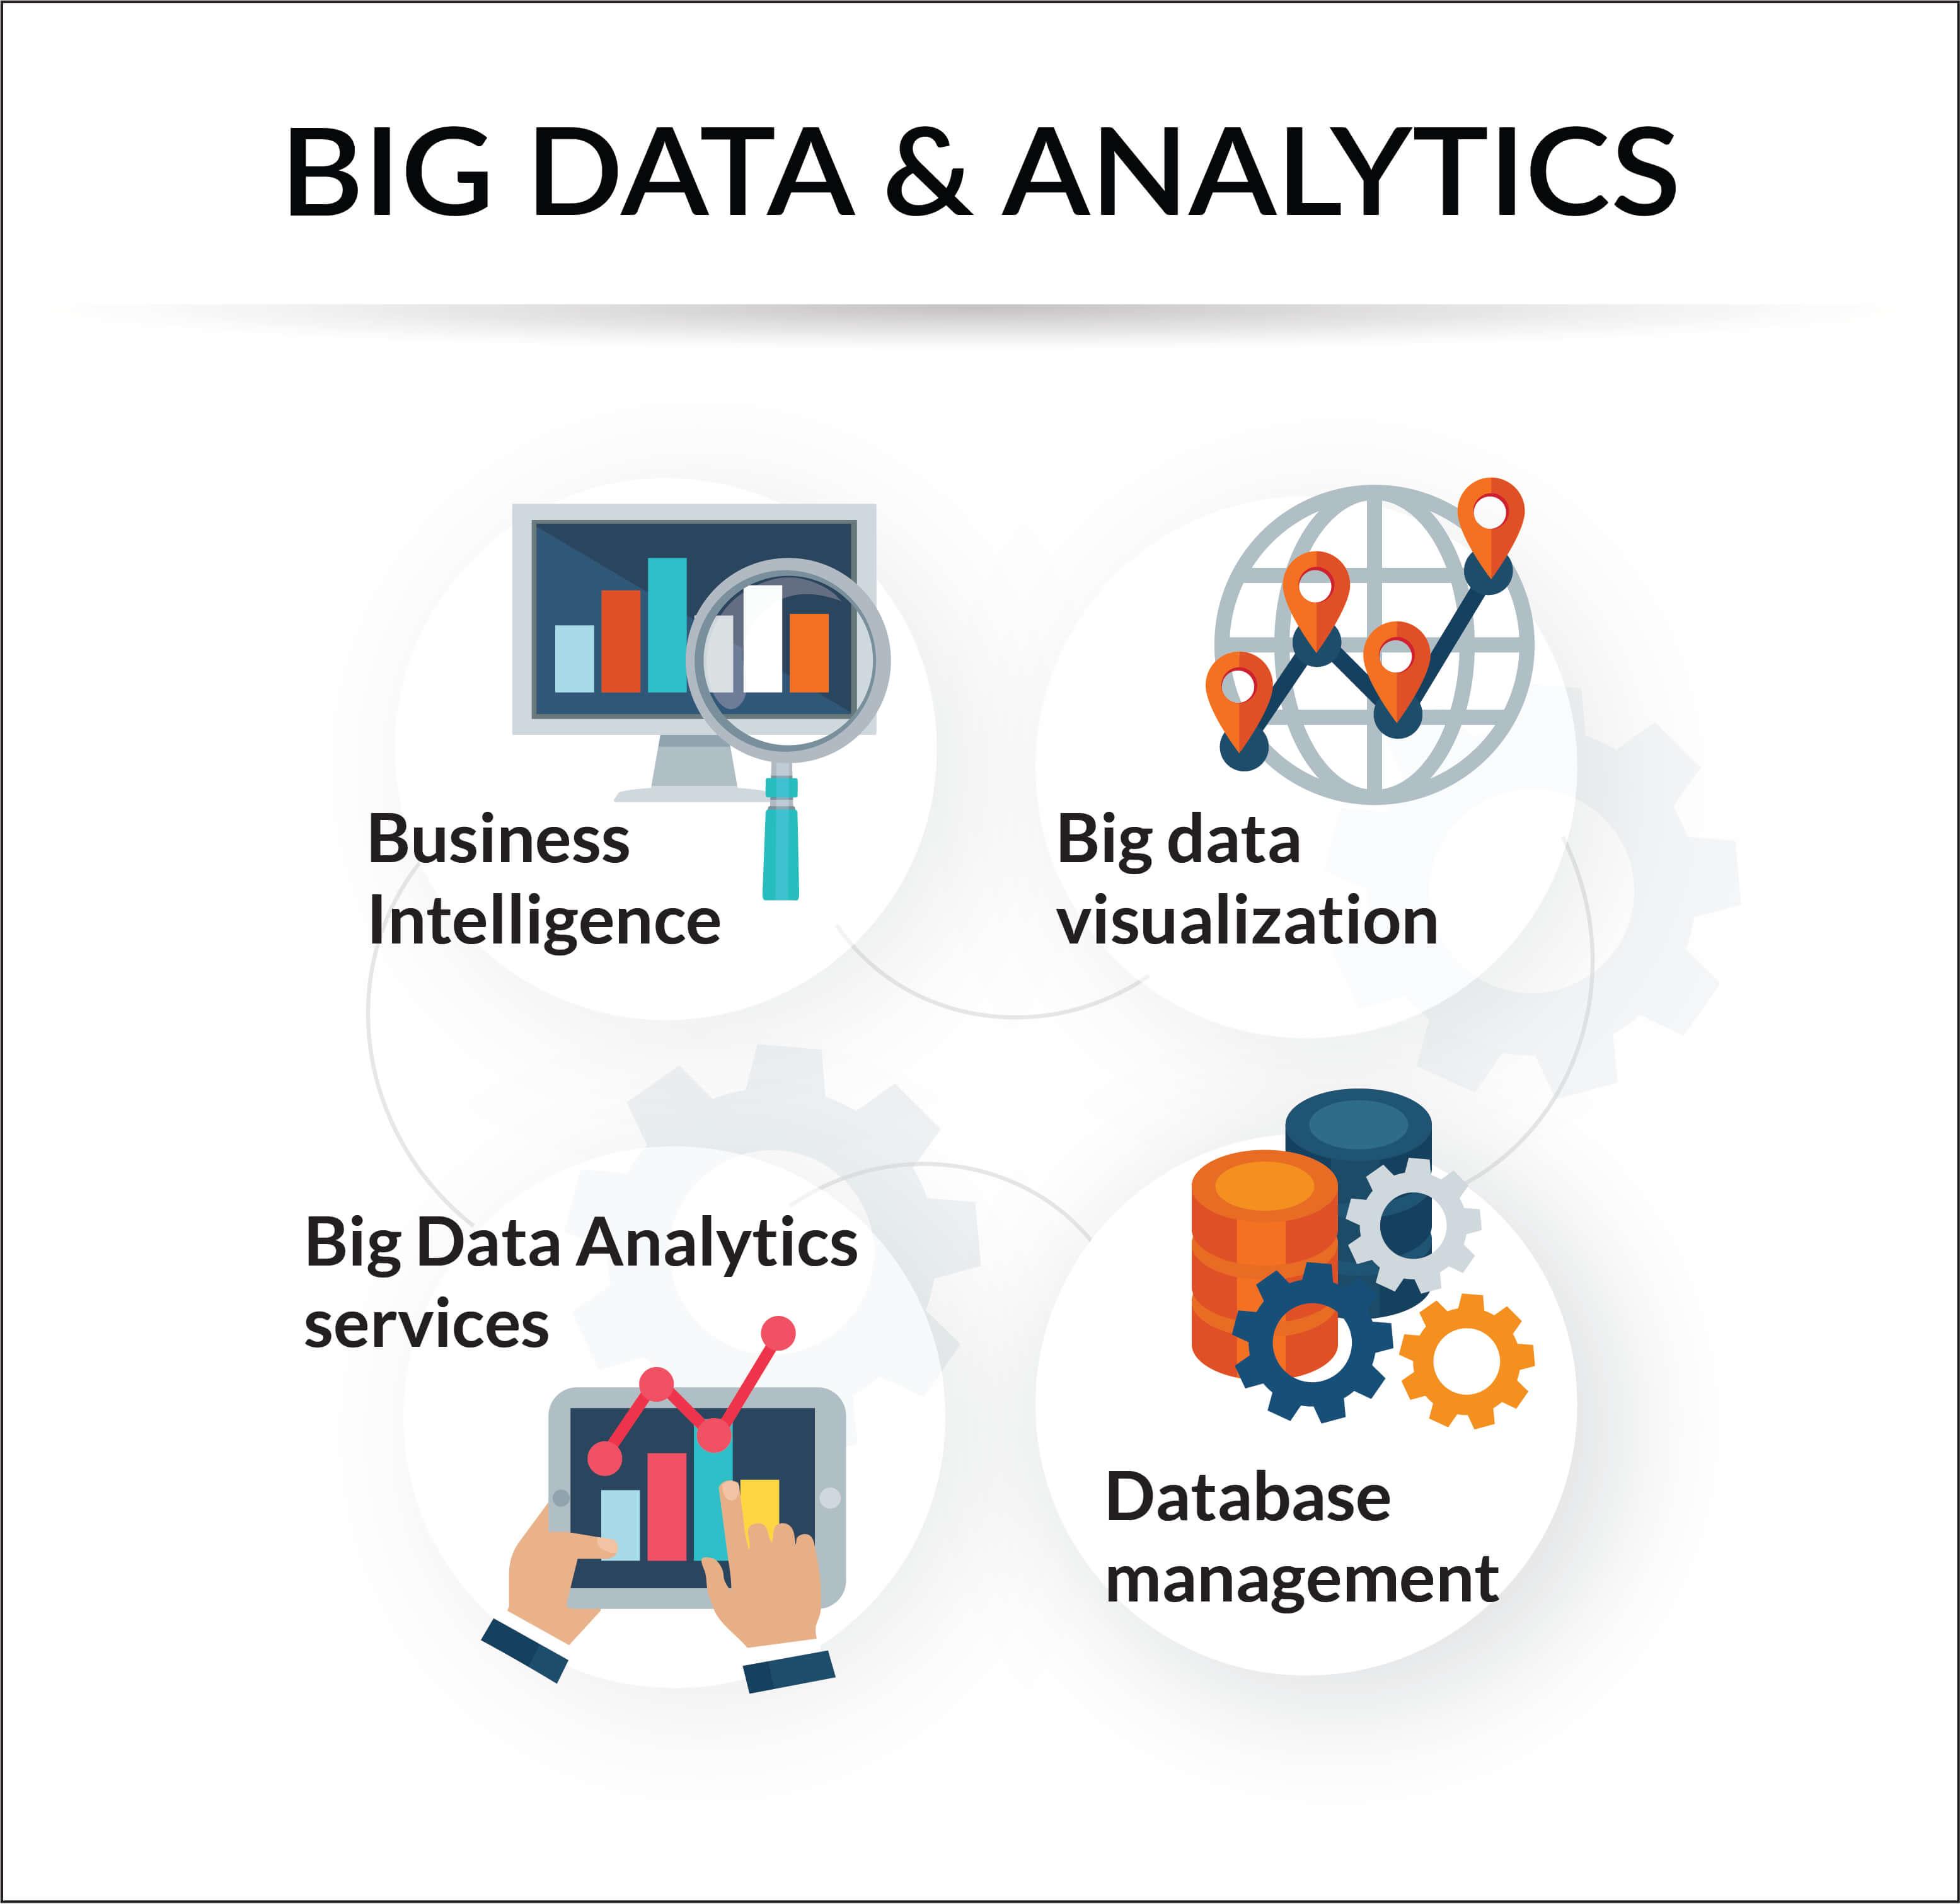 BIG DATA & ANALYTICS.jpg